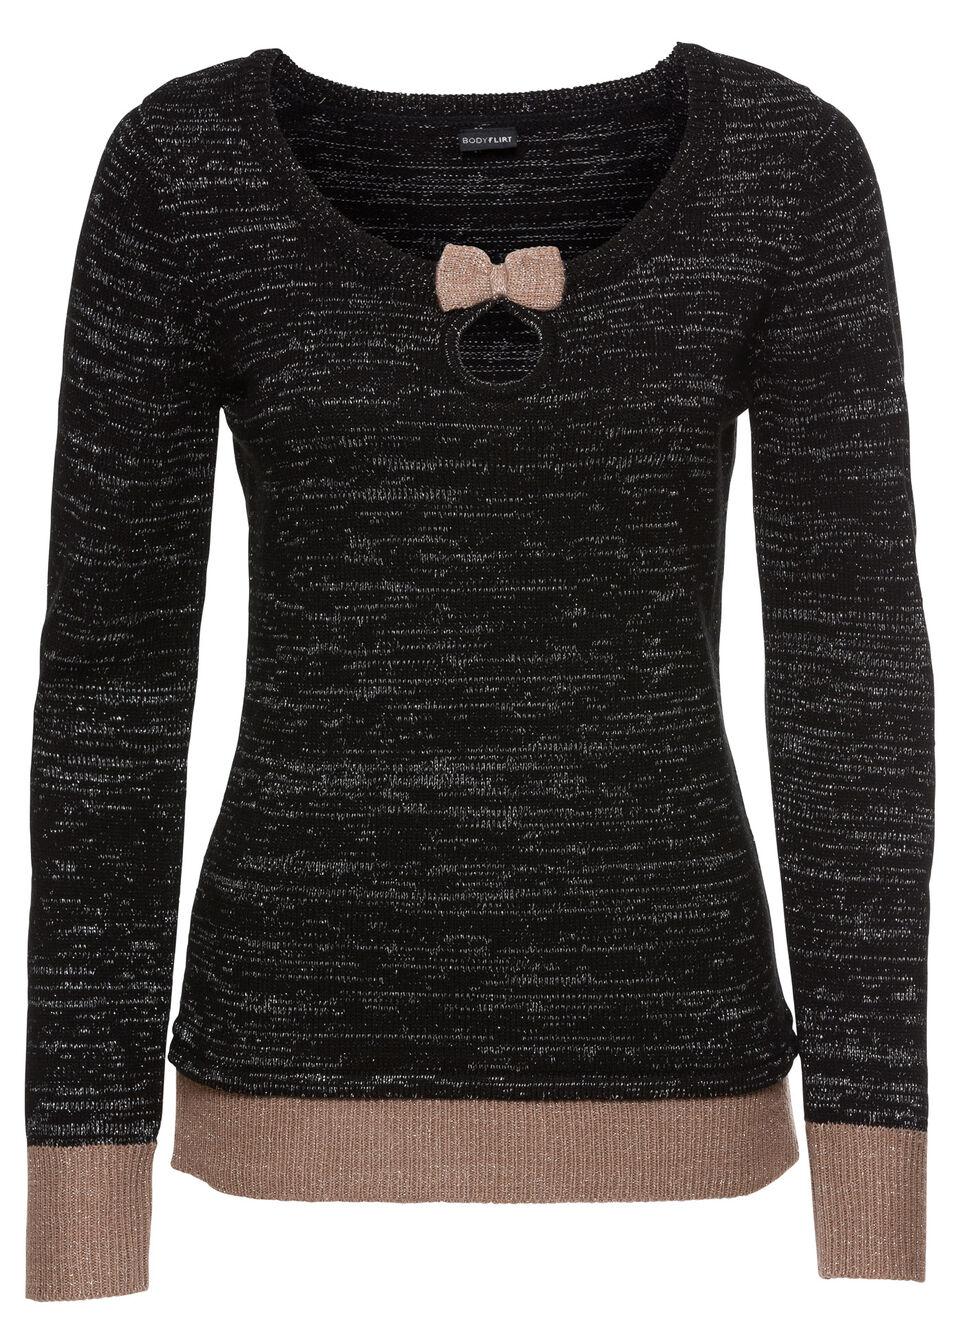 Купить Вязаный пуловер, bonprix, черный/серо-коричневый/серебристый